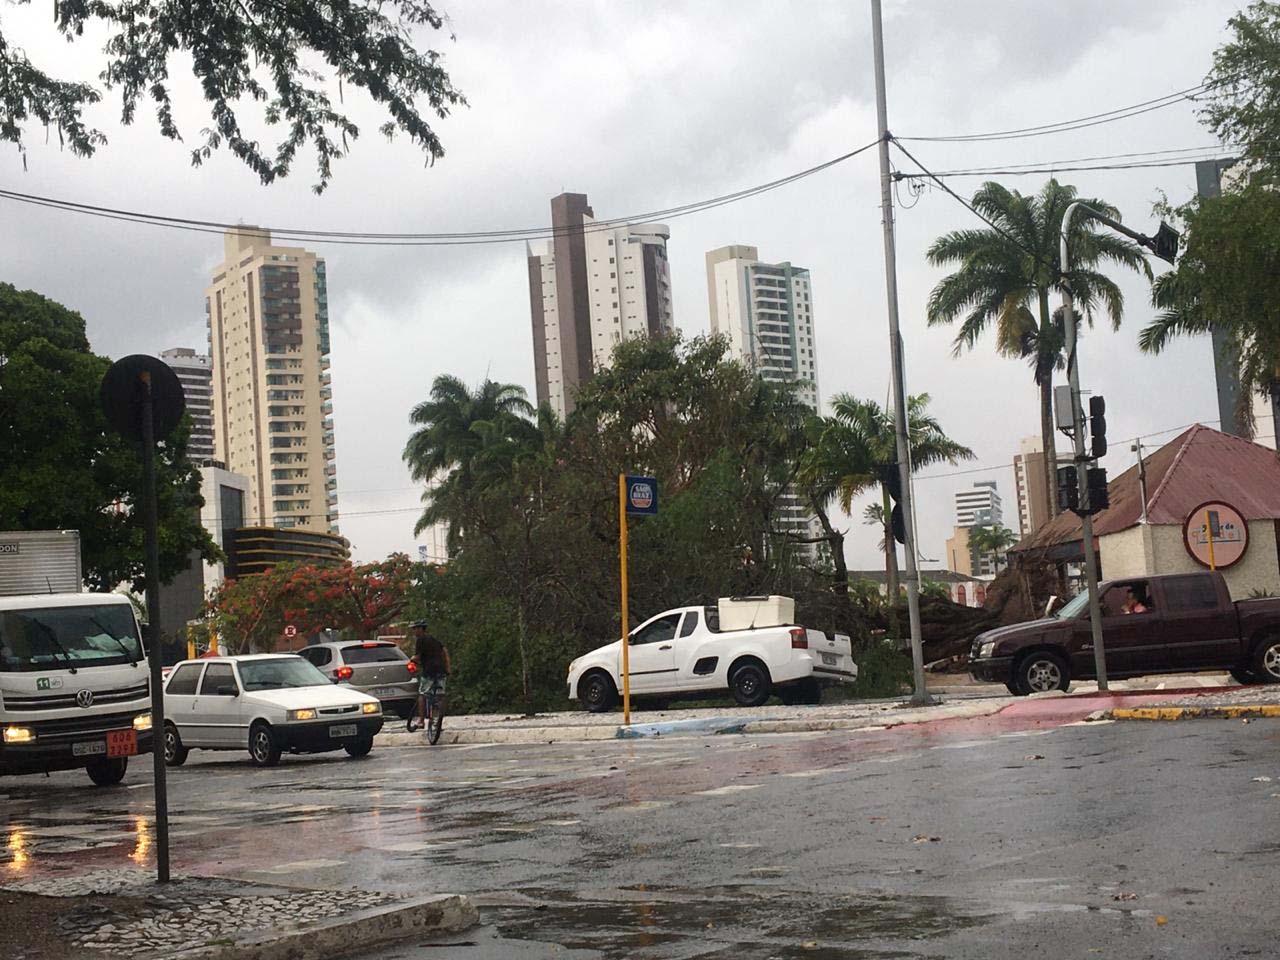 acude velho2201 - Veja as áreas mais castigadas pelas chuvas em Campina Grande